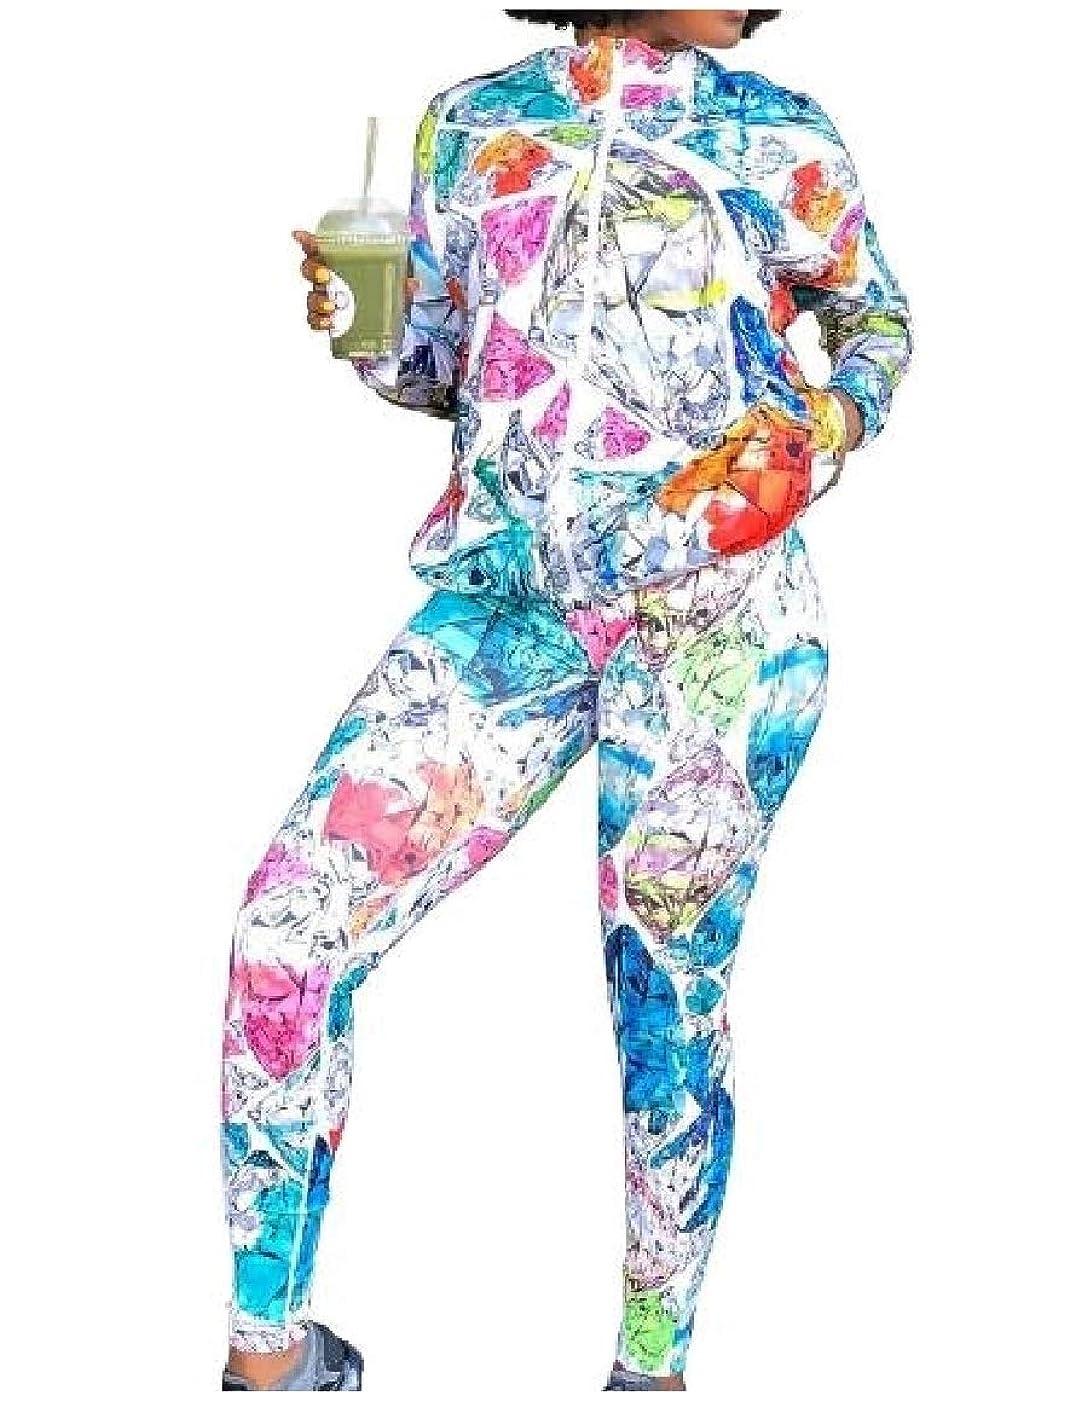 スタウト固める例外Romancly 女性のカラフルな染めグラフィティプリントアスレチック2ピーストラックスーツの衣装